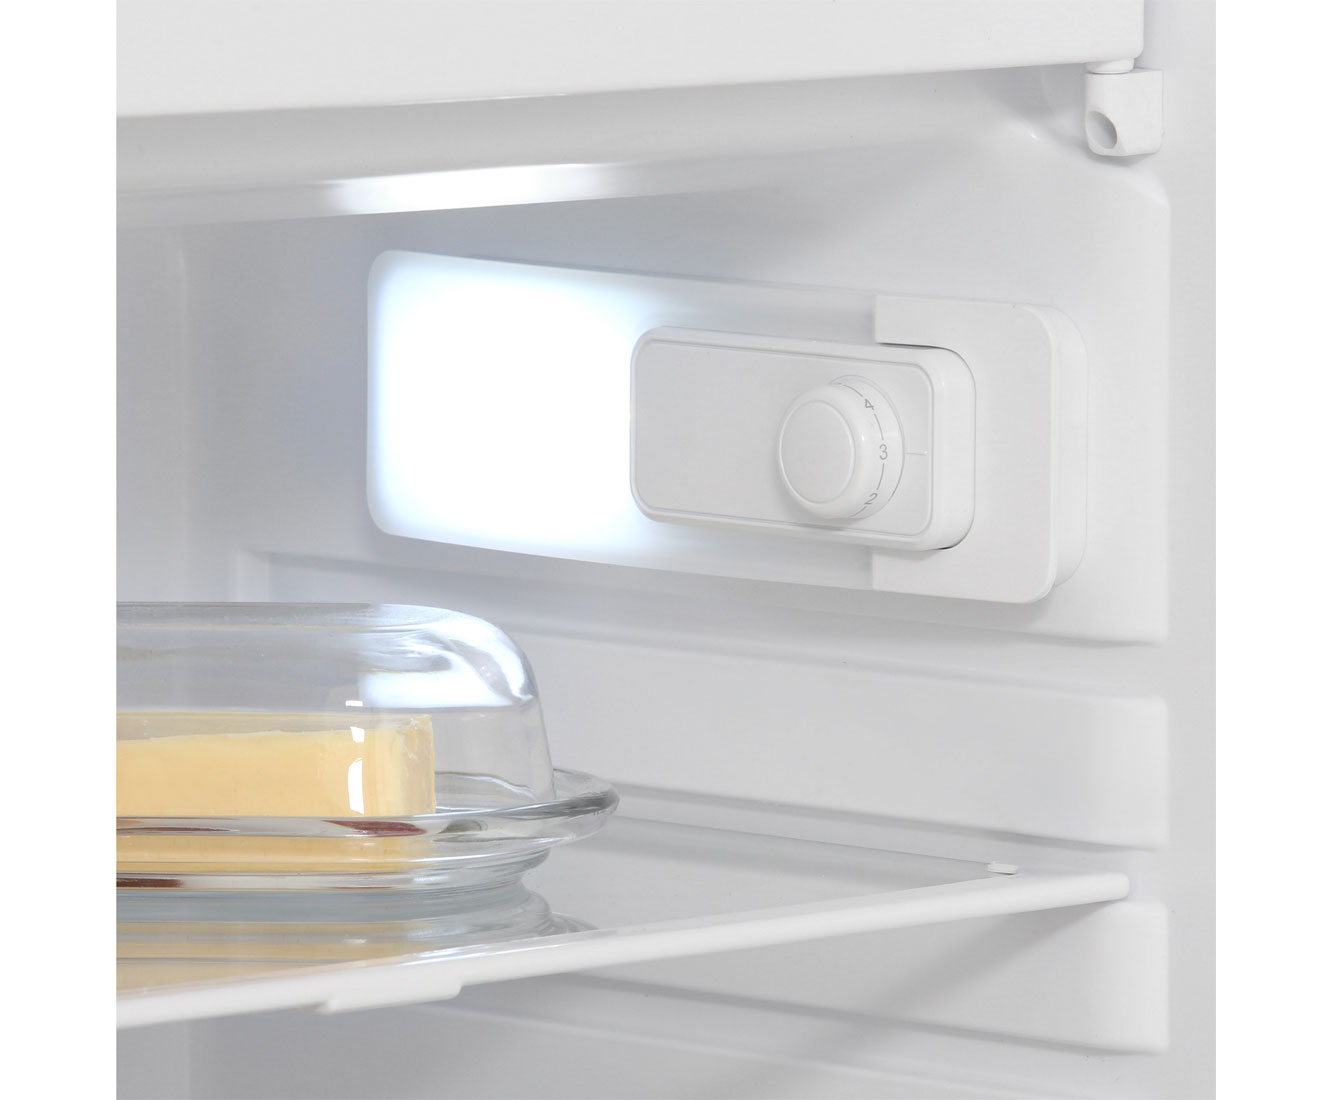 Exquisit Mini Kühlschrank : Exquisit ks 16 4 a kühlschrank mit gefrierfach edelstahl optik